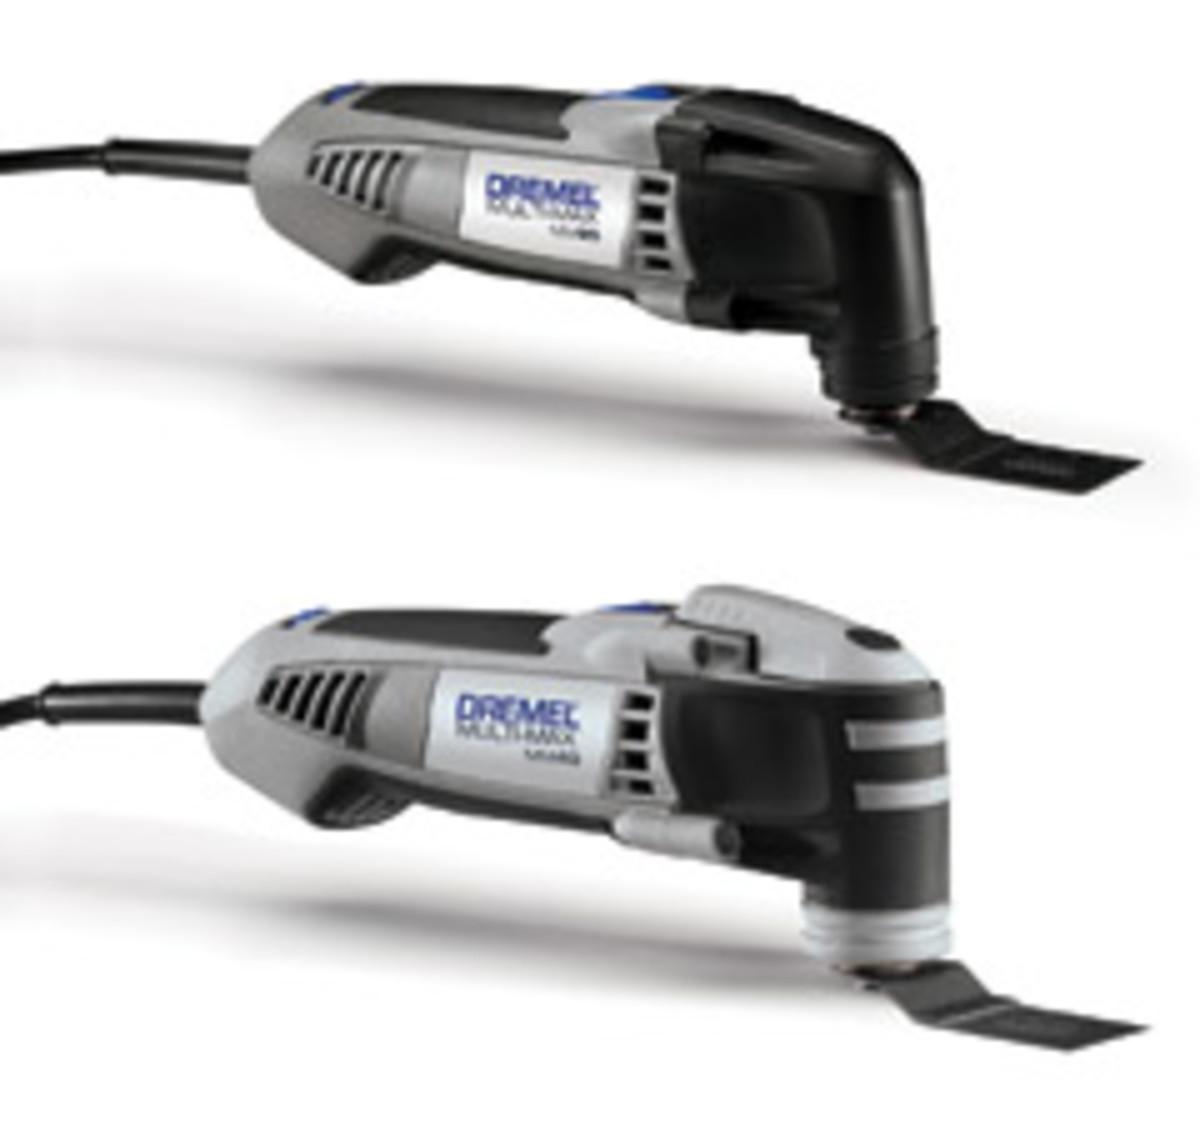 Dremel models MM20 and MM40 oscillating tools.